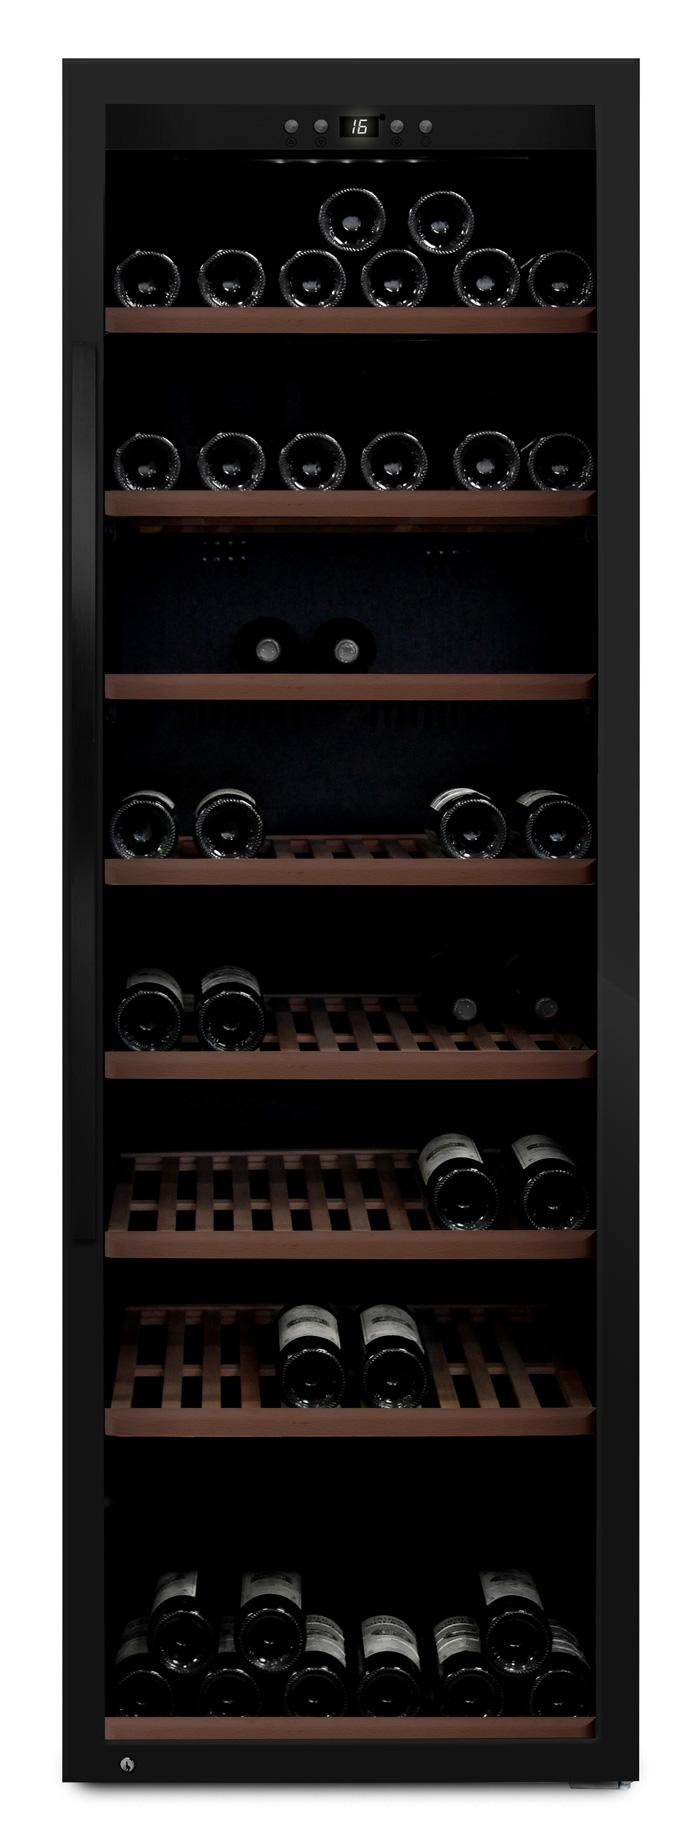 mQuvée - svart fristående vinkyl - rymmer 192 flaskor